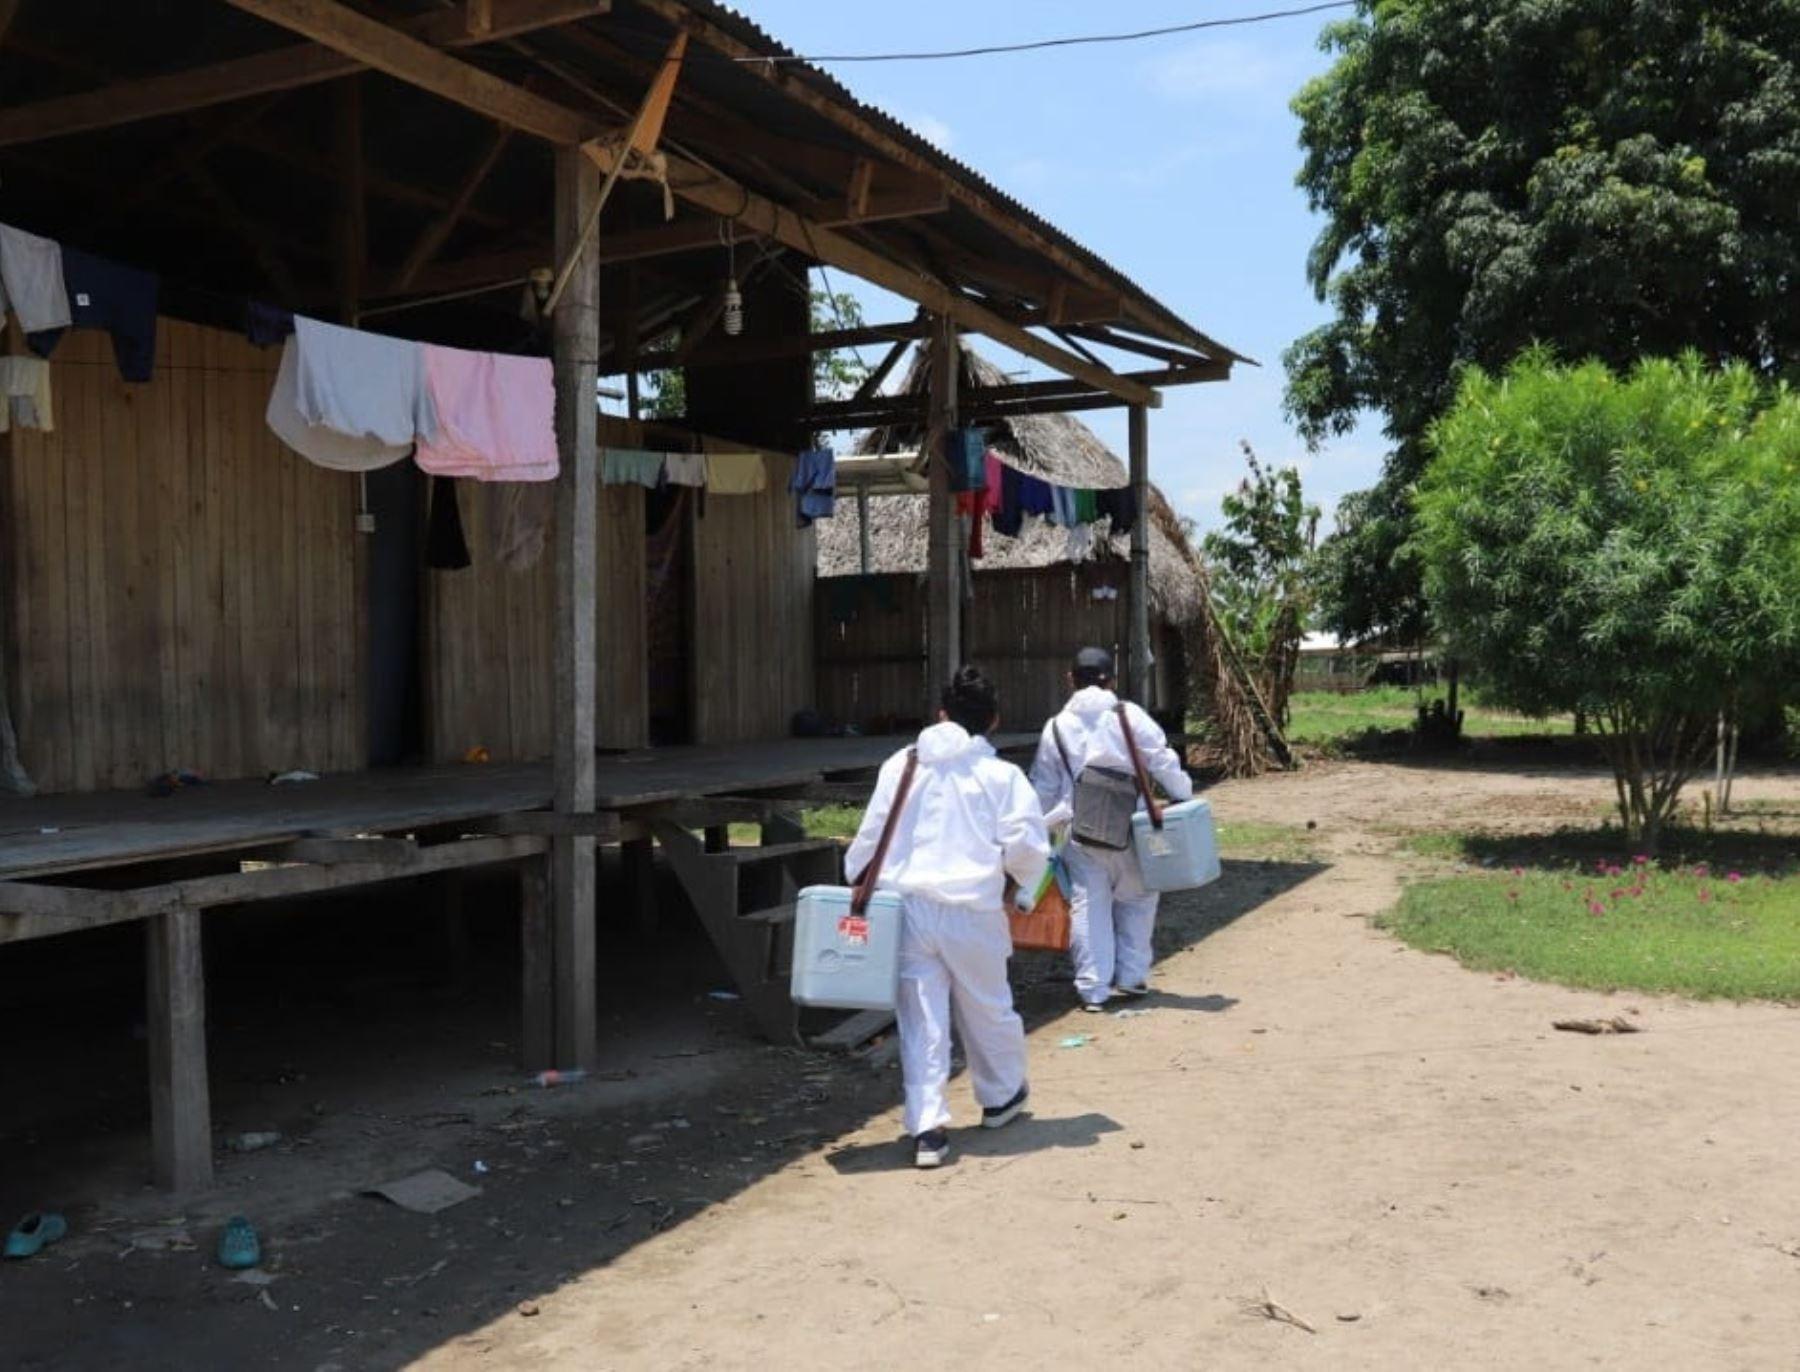 Brigadas de salud vacunan casa por casa contra la difteria y otras enfermedades en la ciudad de Contamana, en la provincia loretana de Ucayali. Se prioriza atención a niños menores de 5 años. ANDINA/Difusión